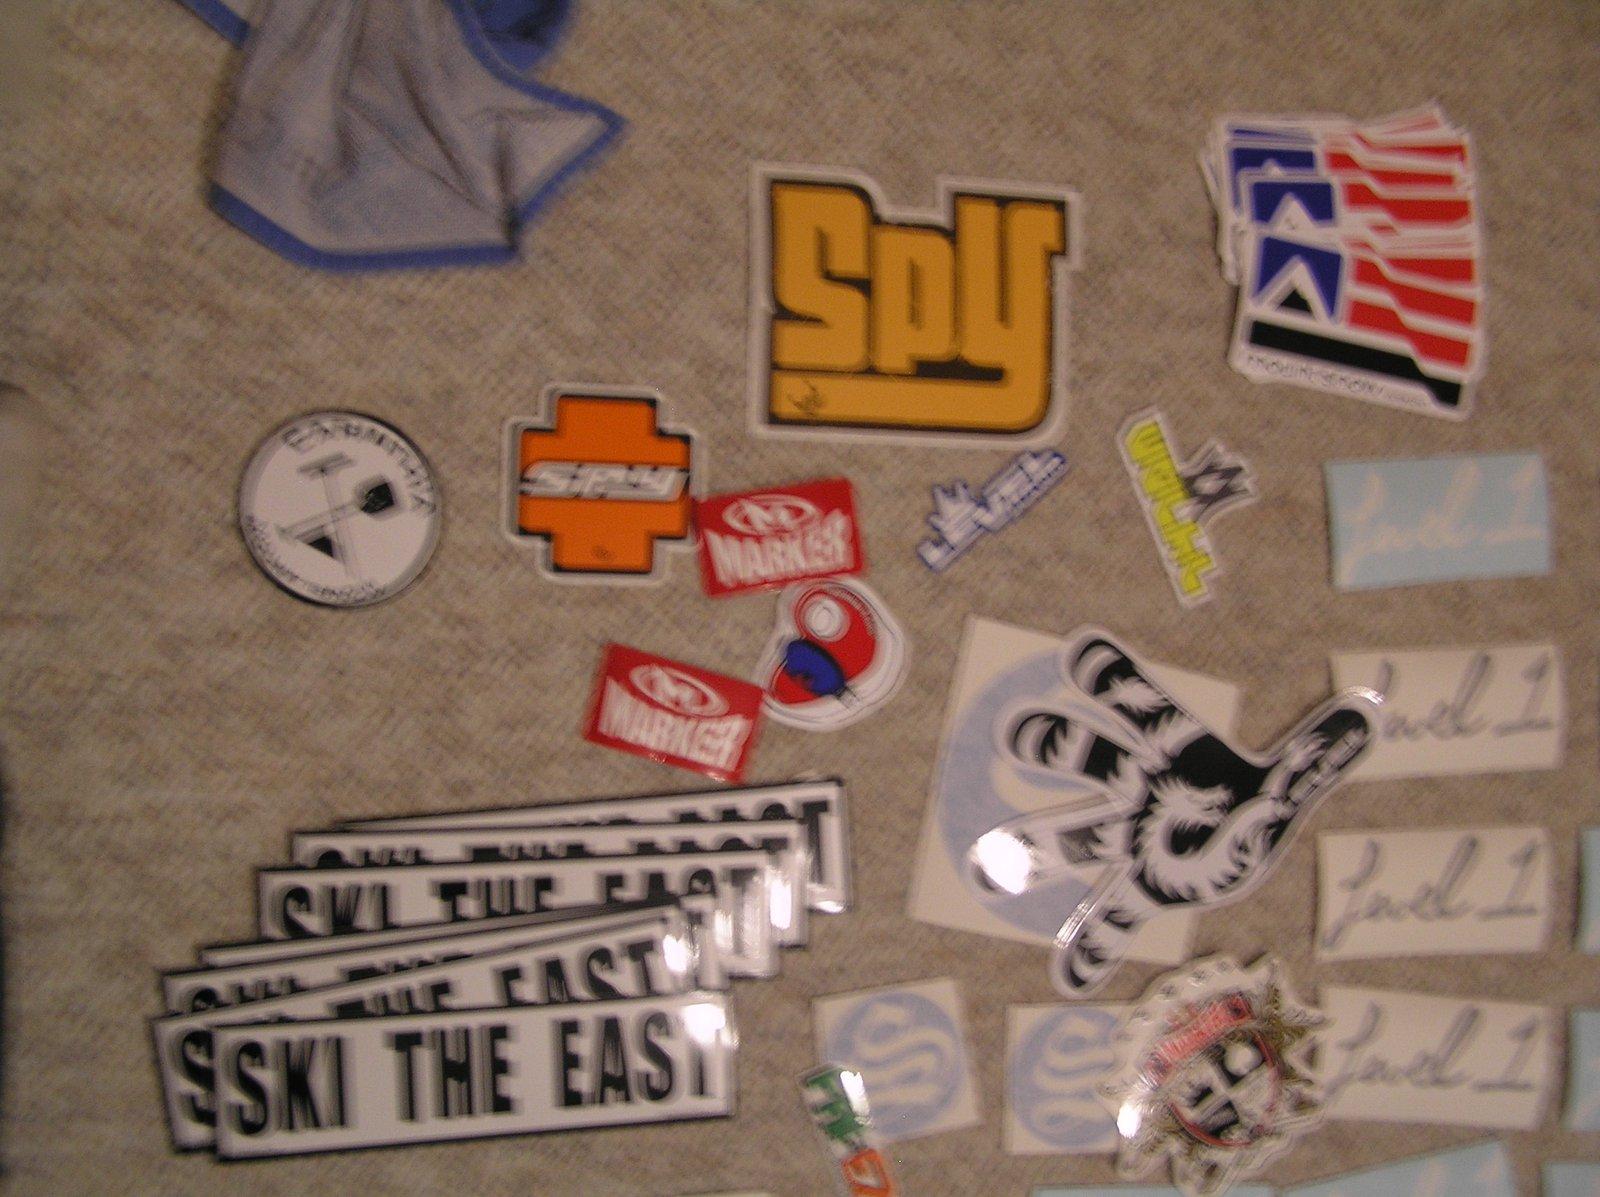 HUGE spy sticker w/ friends